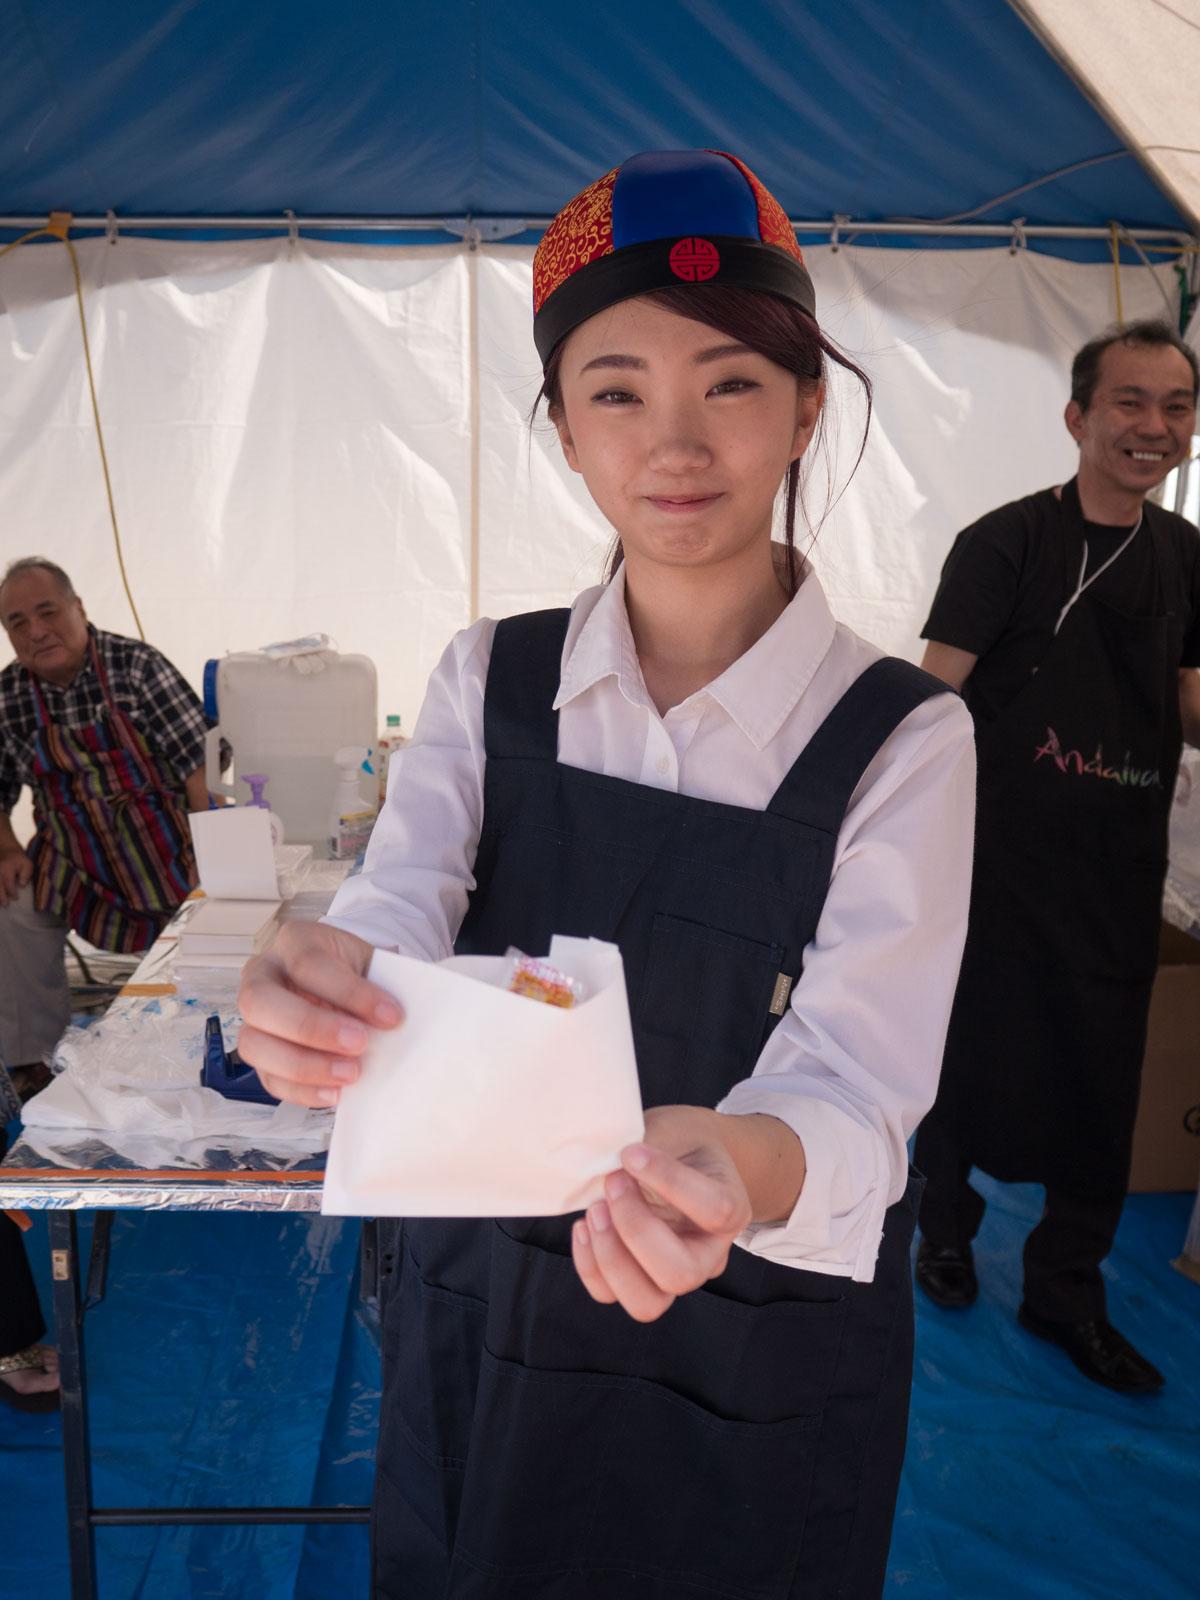 角煮まんを手に、オススメのポーズを取ってくれる美人で小顔の店員の女性